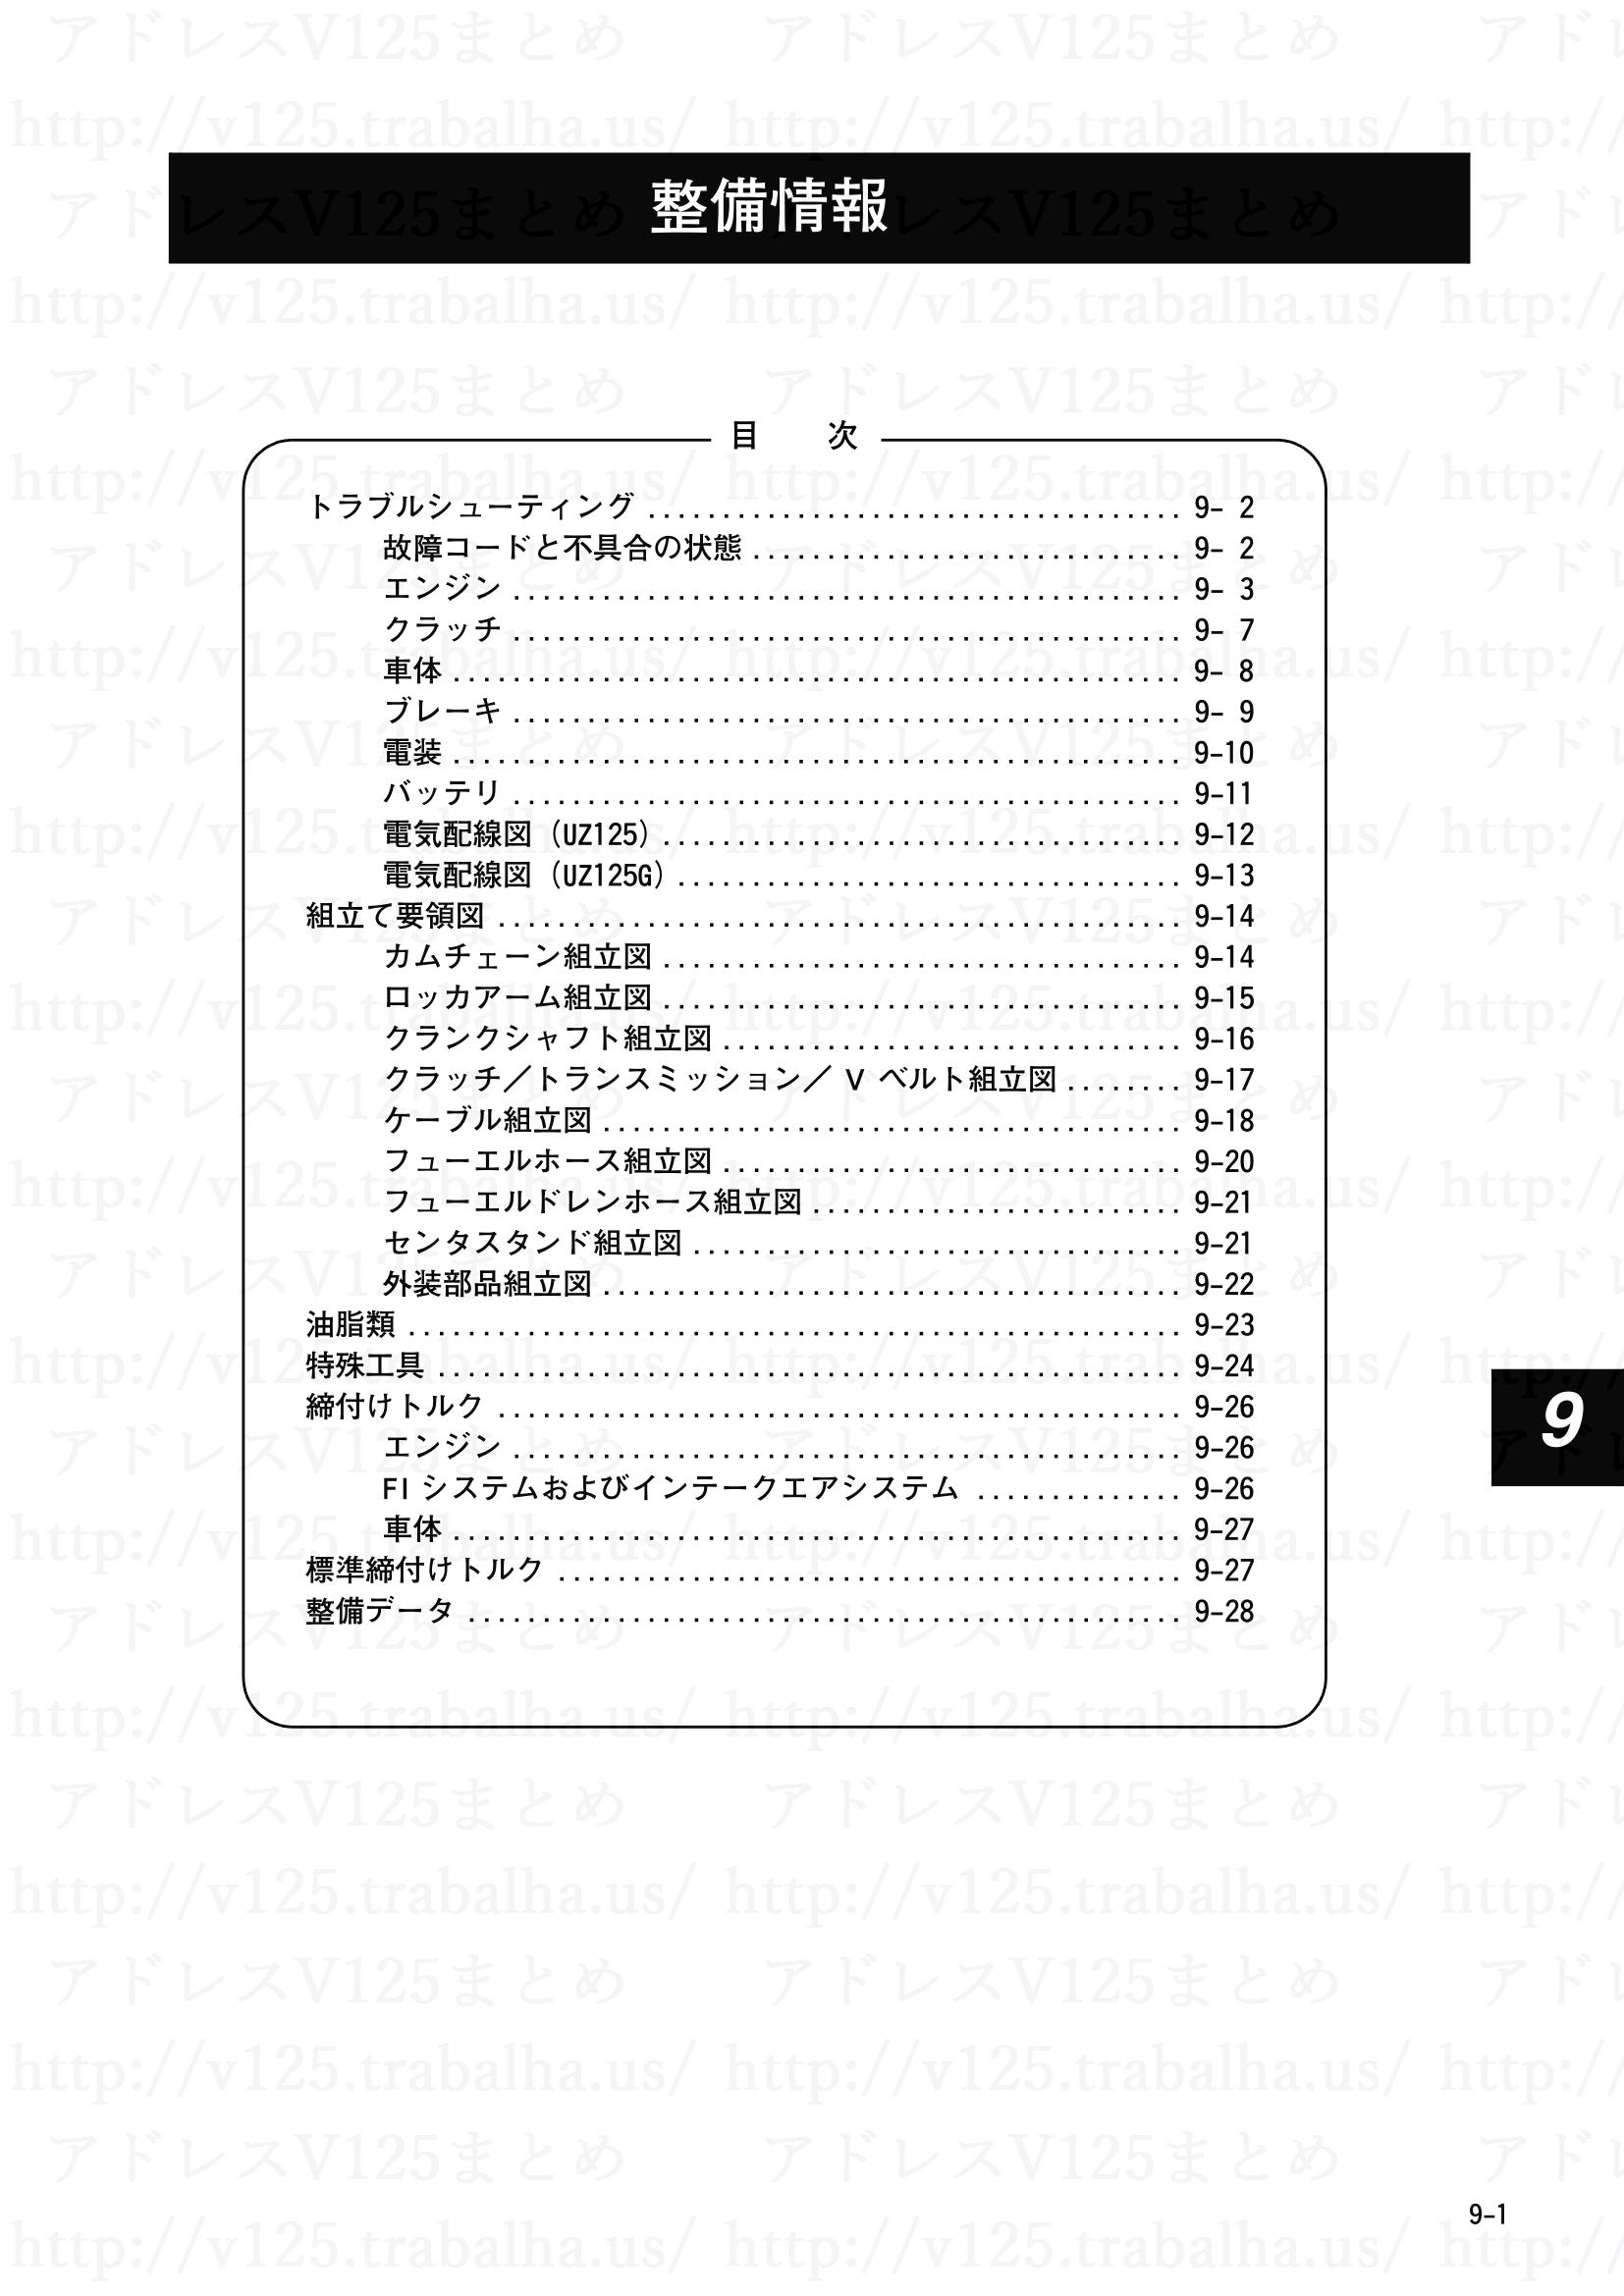 9-1【整備情報】目次